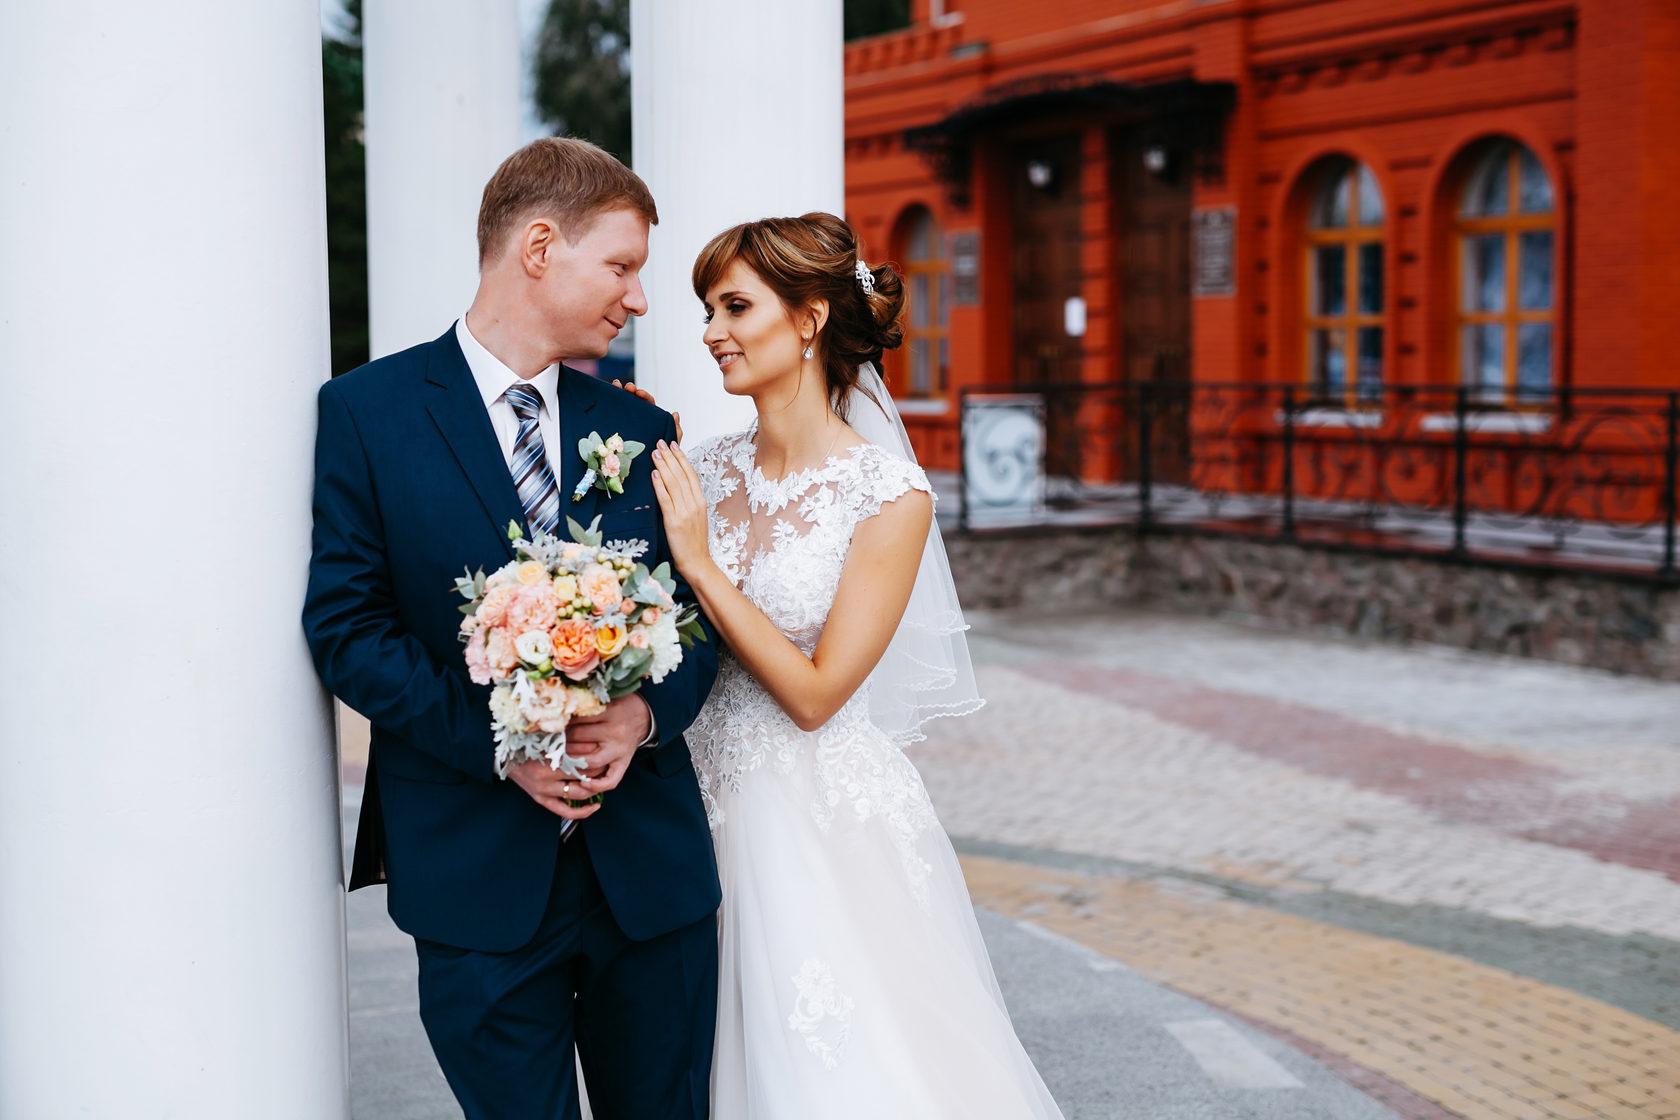 получает множество фото свадебные старый оскол истории смысле для